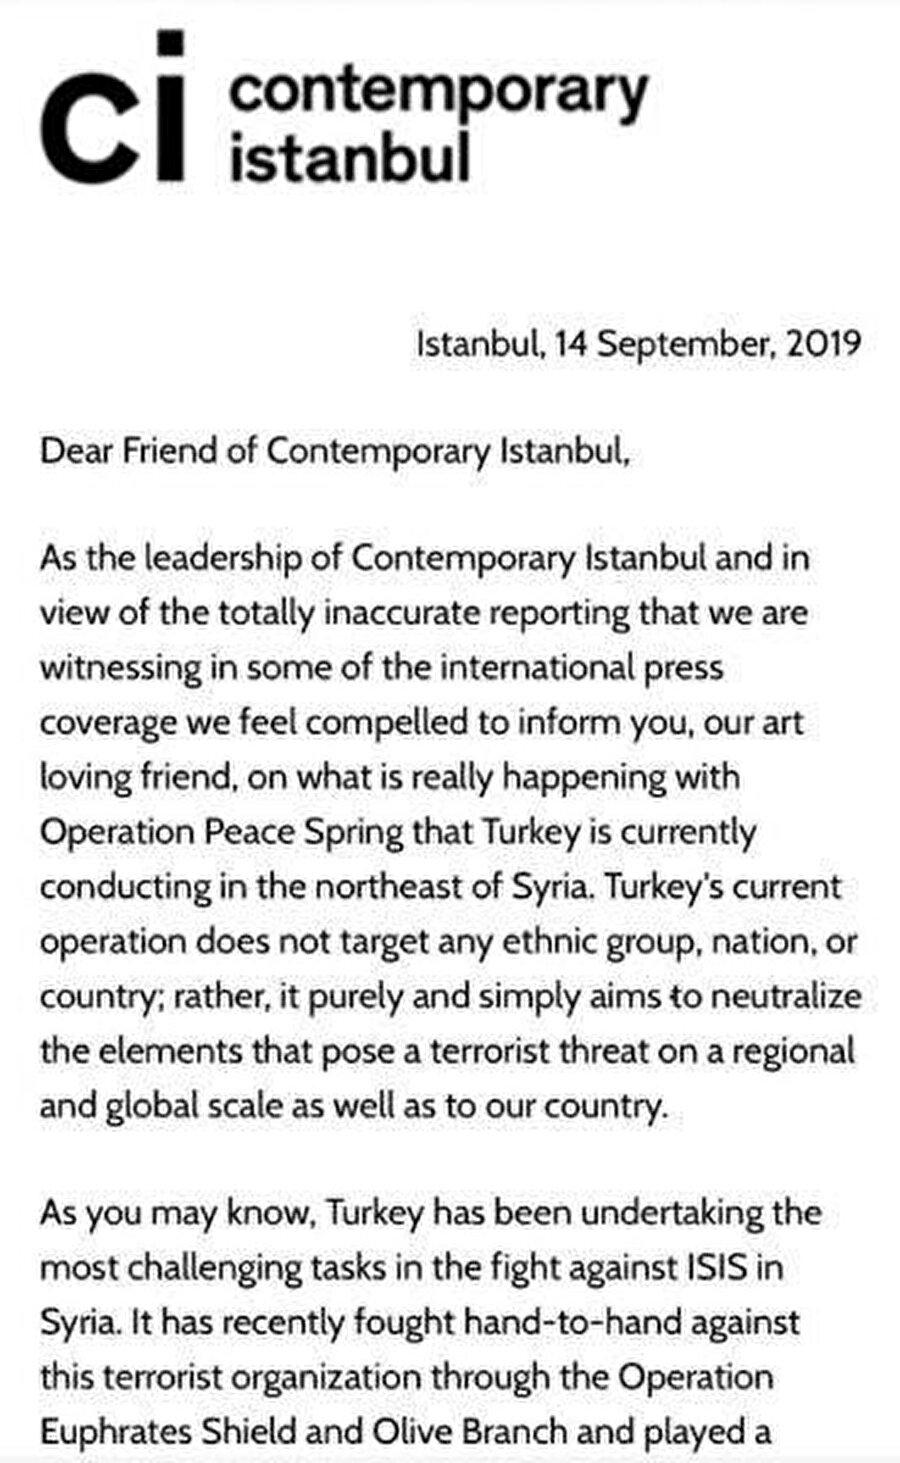 Ali Güreli'nin sanat dünyası için yazdığı mektuptan bölümler.